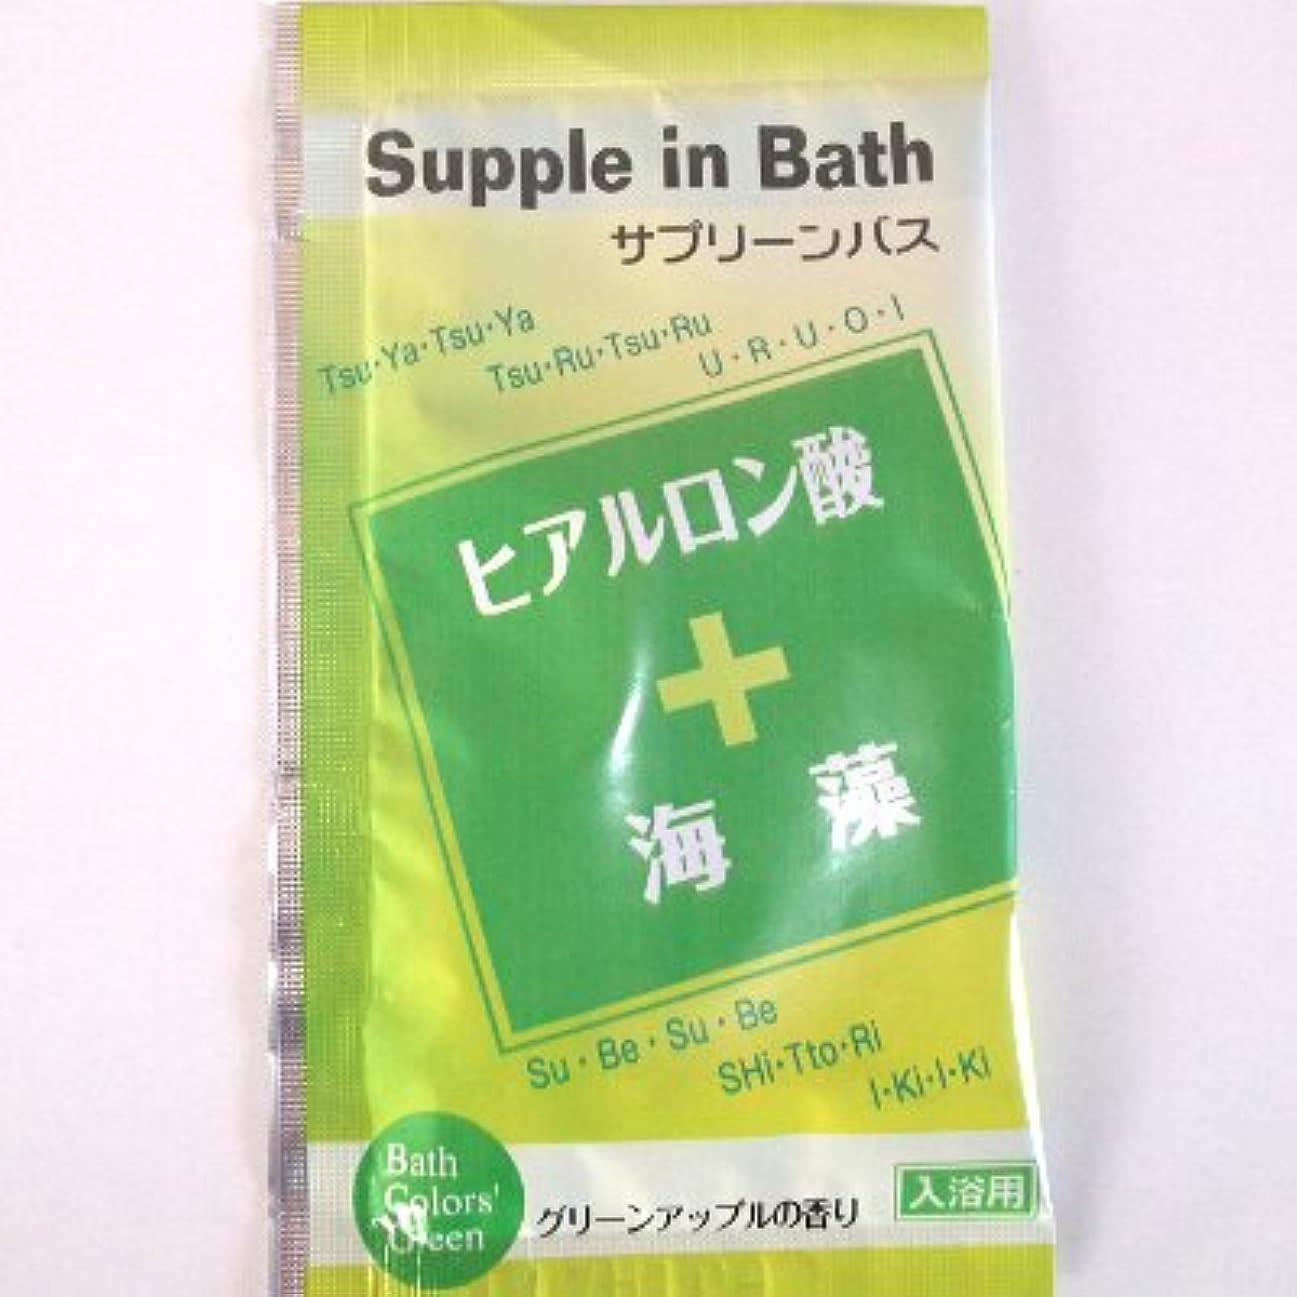 部屋を掃除する素子ラップサプリーンバス ヒアルロン酸+海藻